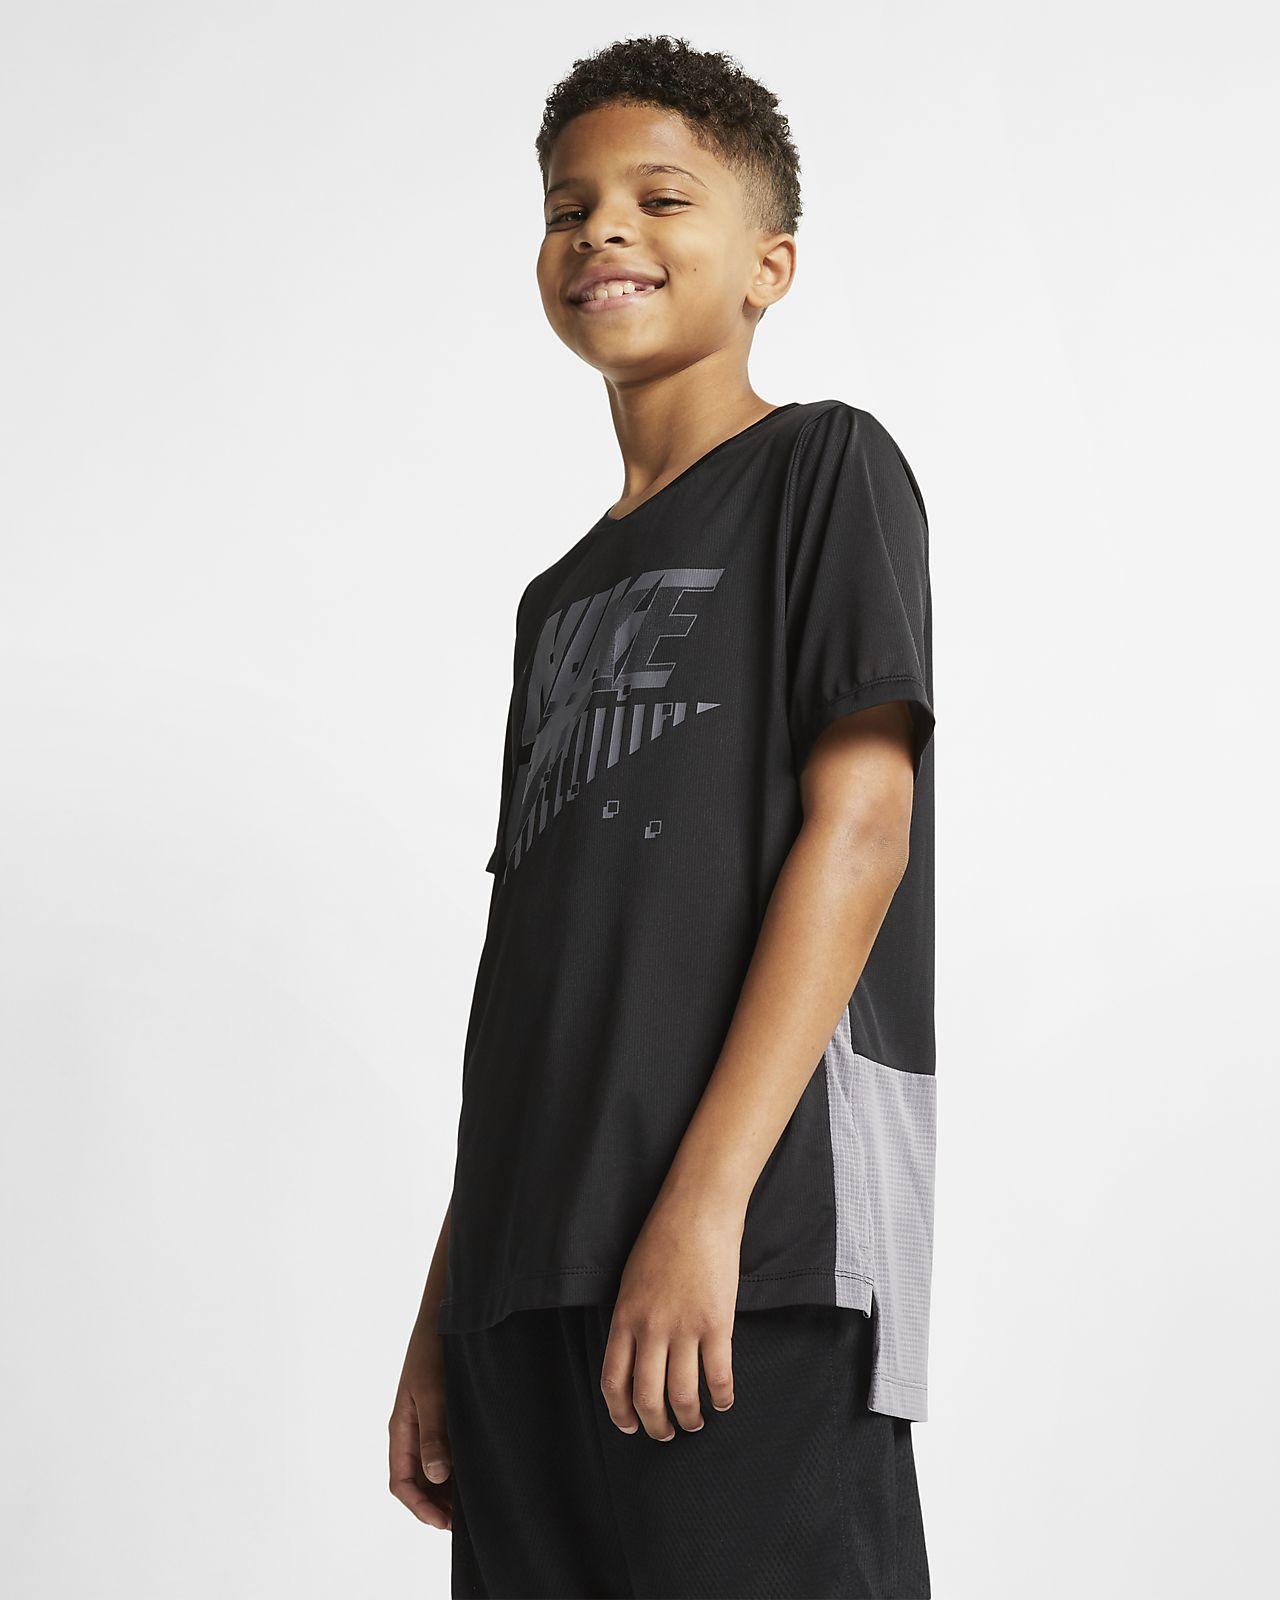 เสื้อเทรนนิ่งแขนสั้นเด็กโต Nike Dri-FIT (ชาย)